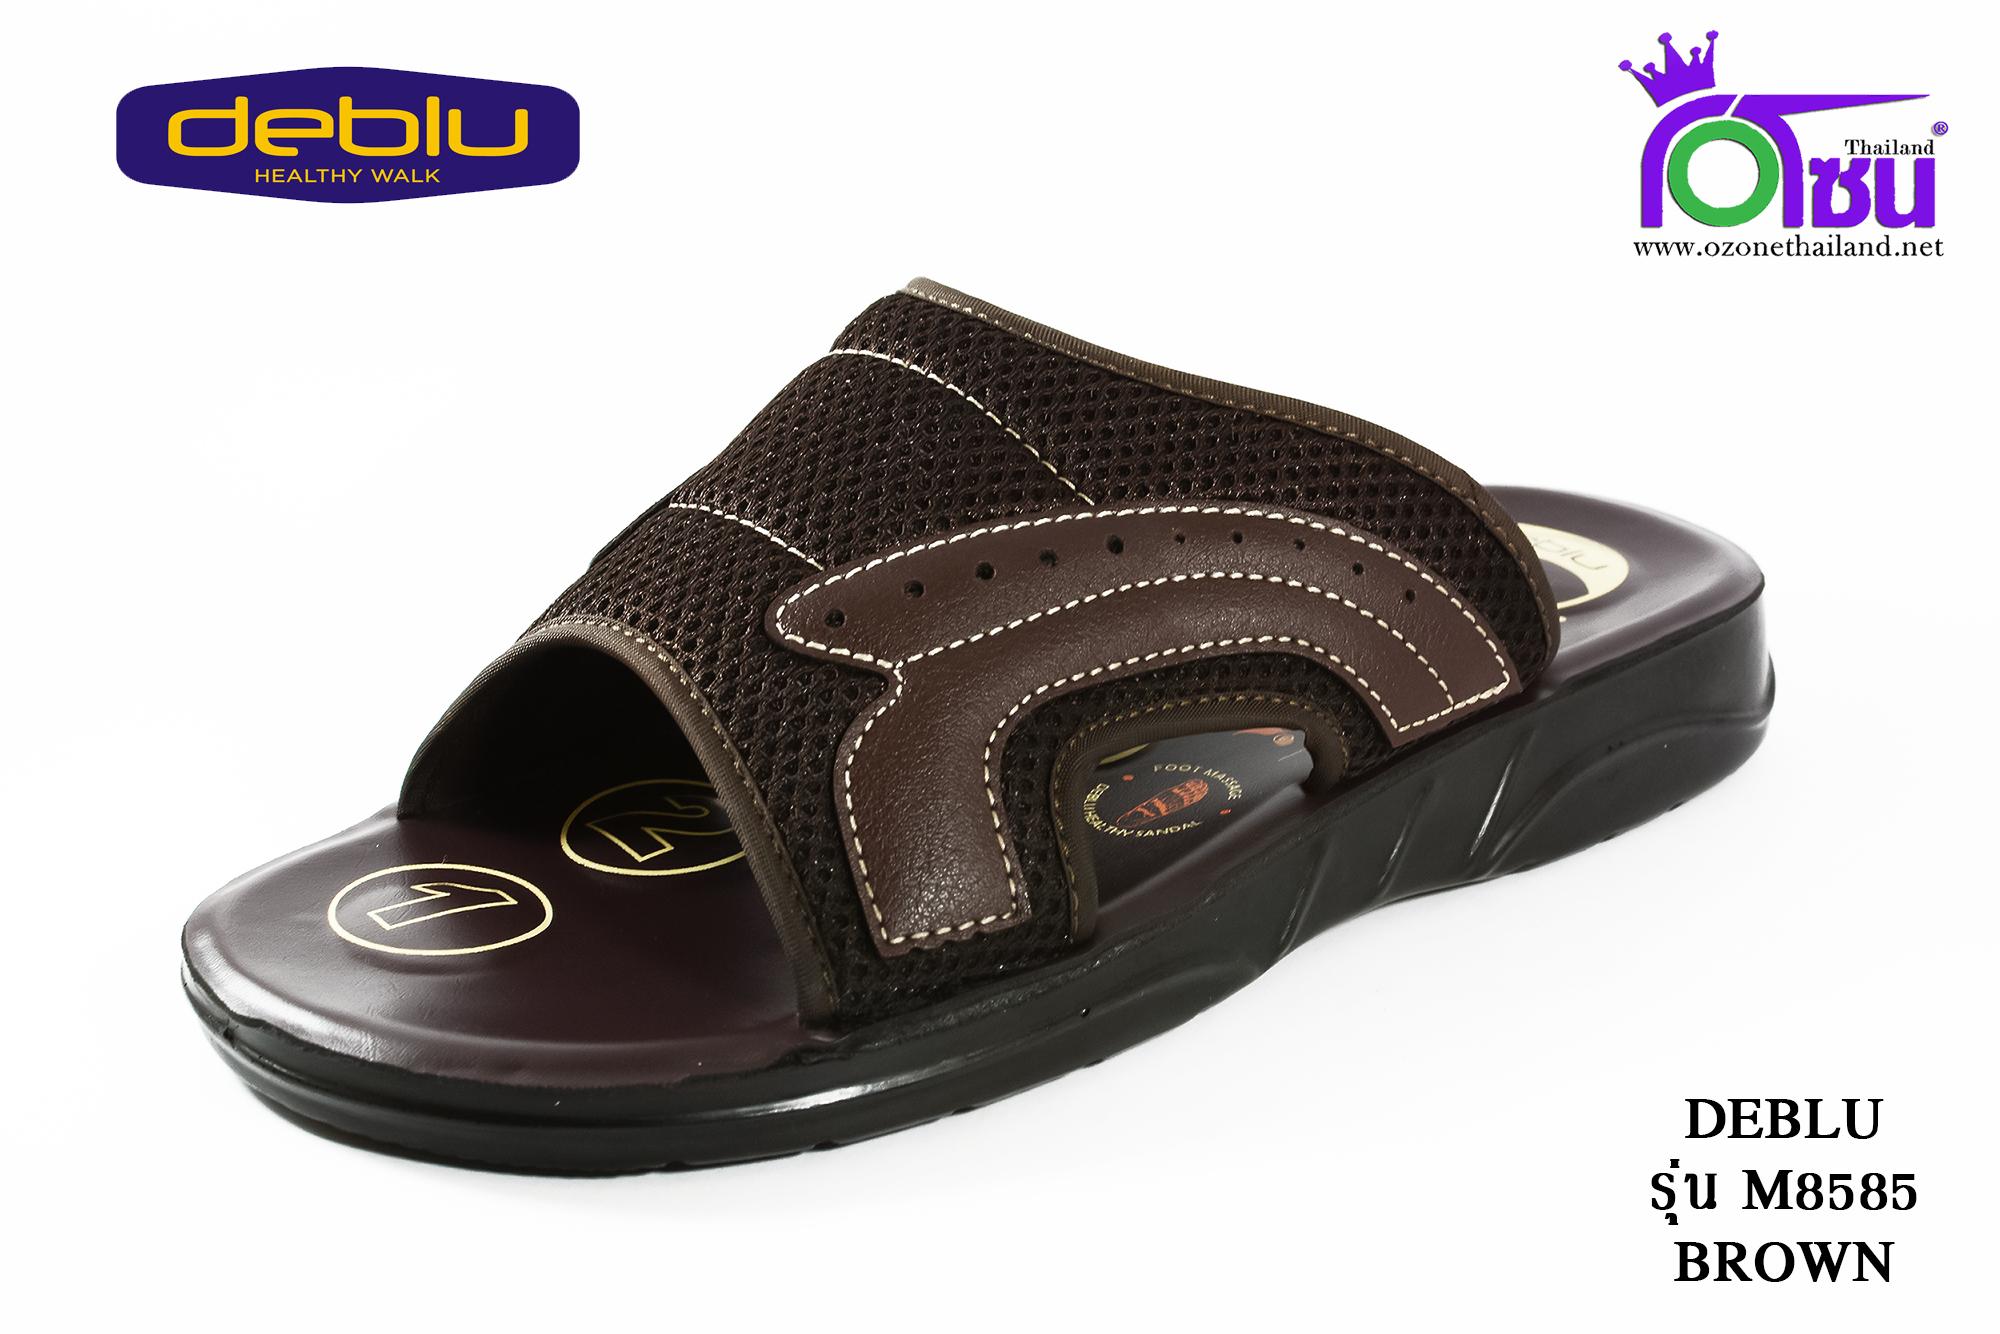 รองเท้าเพื่อสุขภาพ DEBLU เดอบลู รุ่น M8585 สีน้ำตาล เบอร์ 39-44